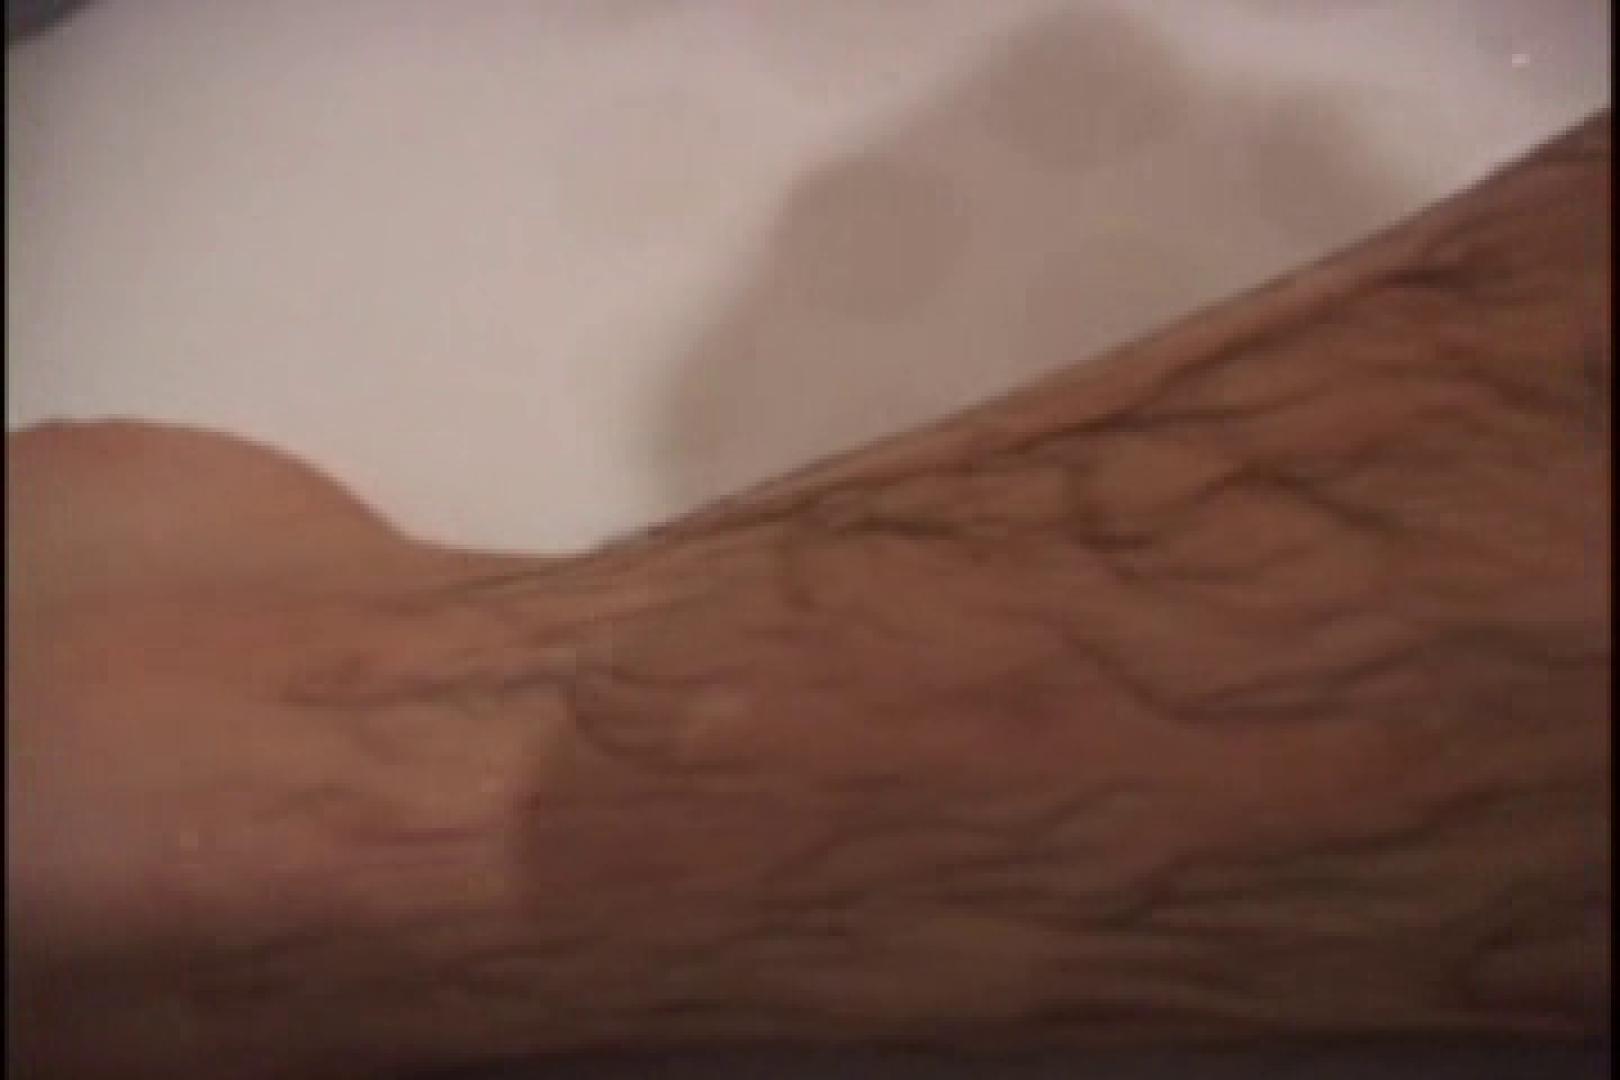 大集合!!カッコ可愛いメンズの一穴入根!! vol.17 仰天アナル | 入浴・シャワー丸見え ゲイ発射もろ画像 87pic 78